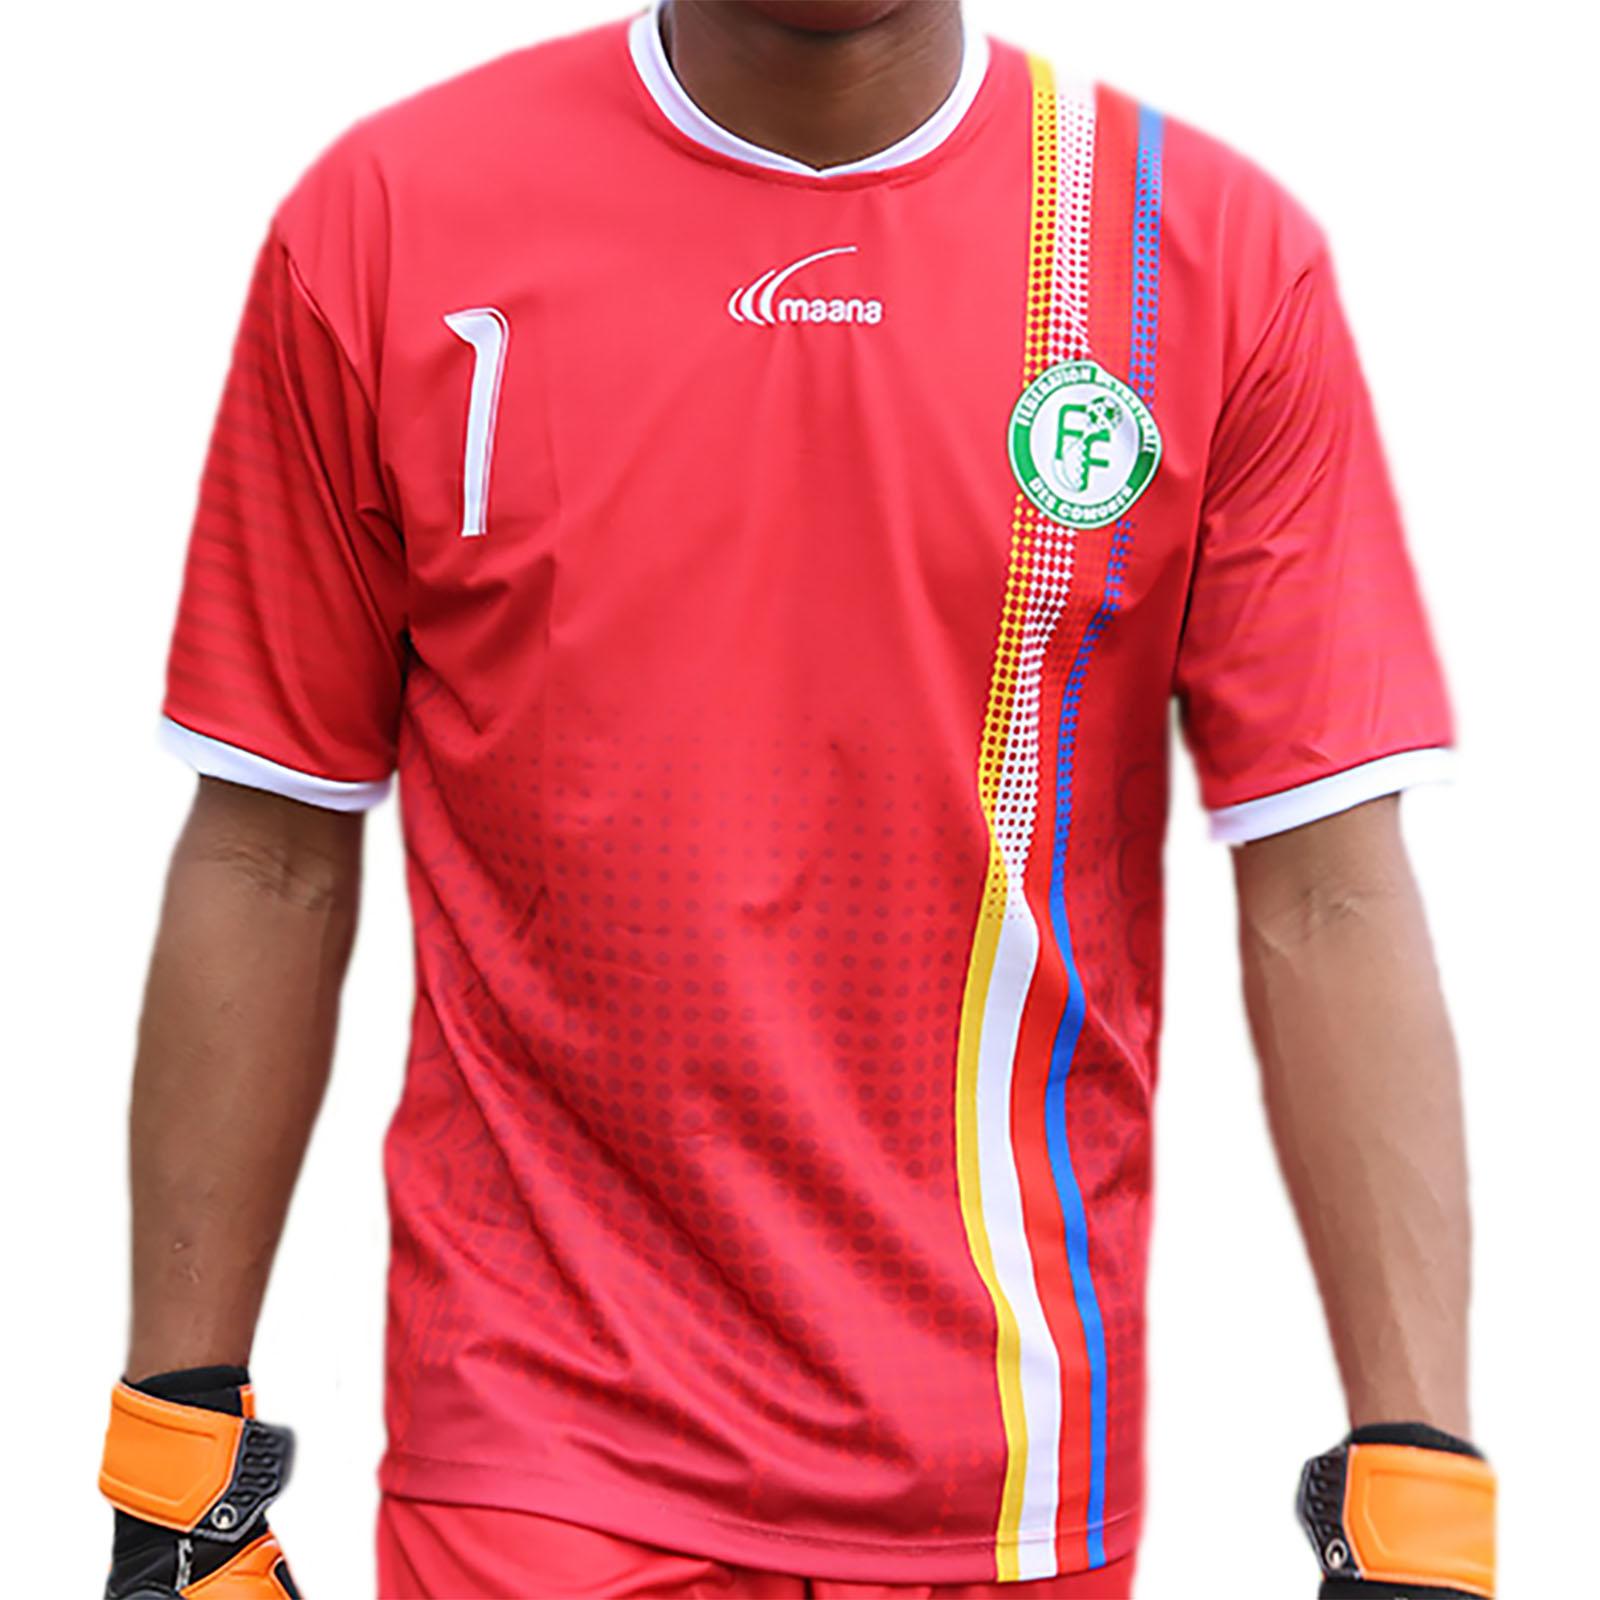 maillot gardien officiel des Comores 2016/2017 - Rouge-Noir-Jaune